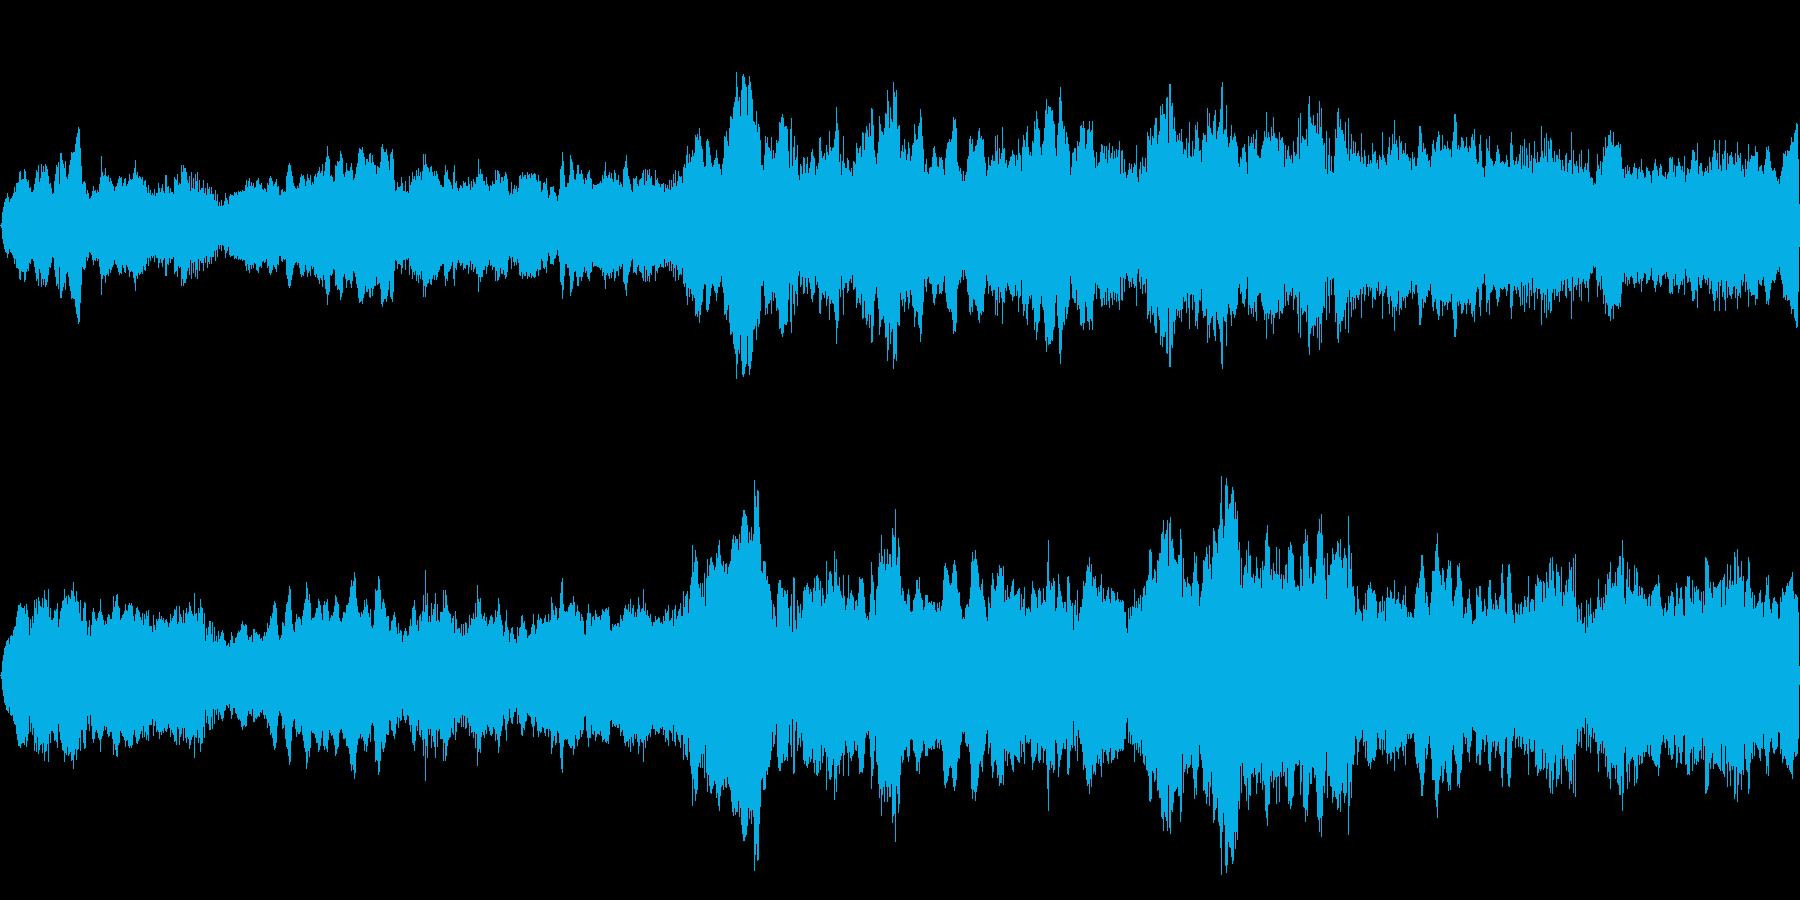 悲しみの幻想的ストリングス ピアノ抜き版の再生済みの波形